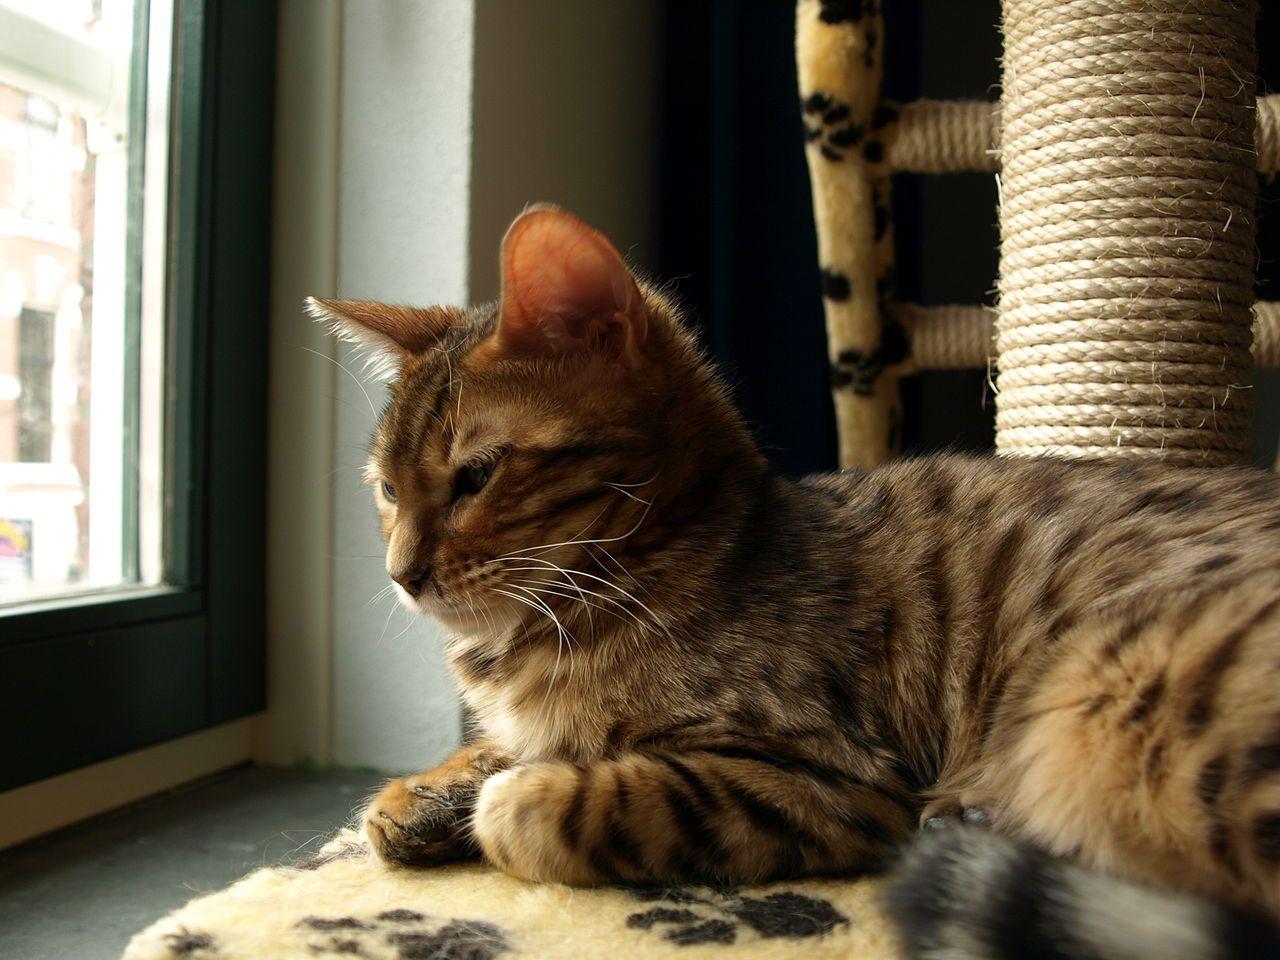 البنغال القط الصور والوصف Vorlieben